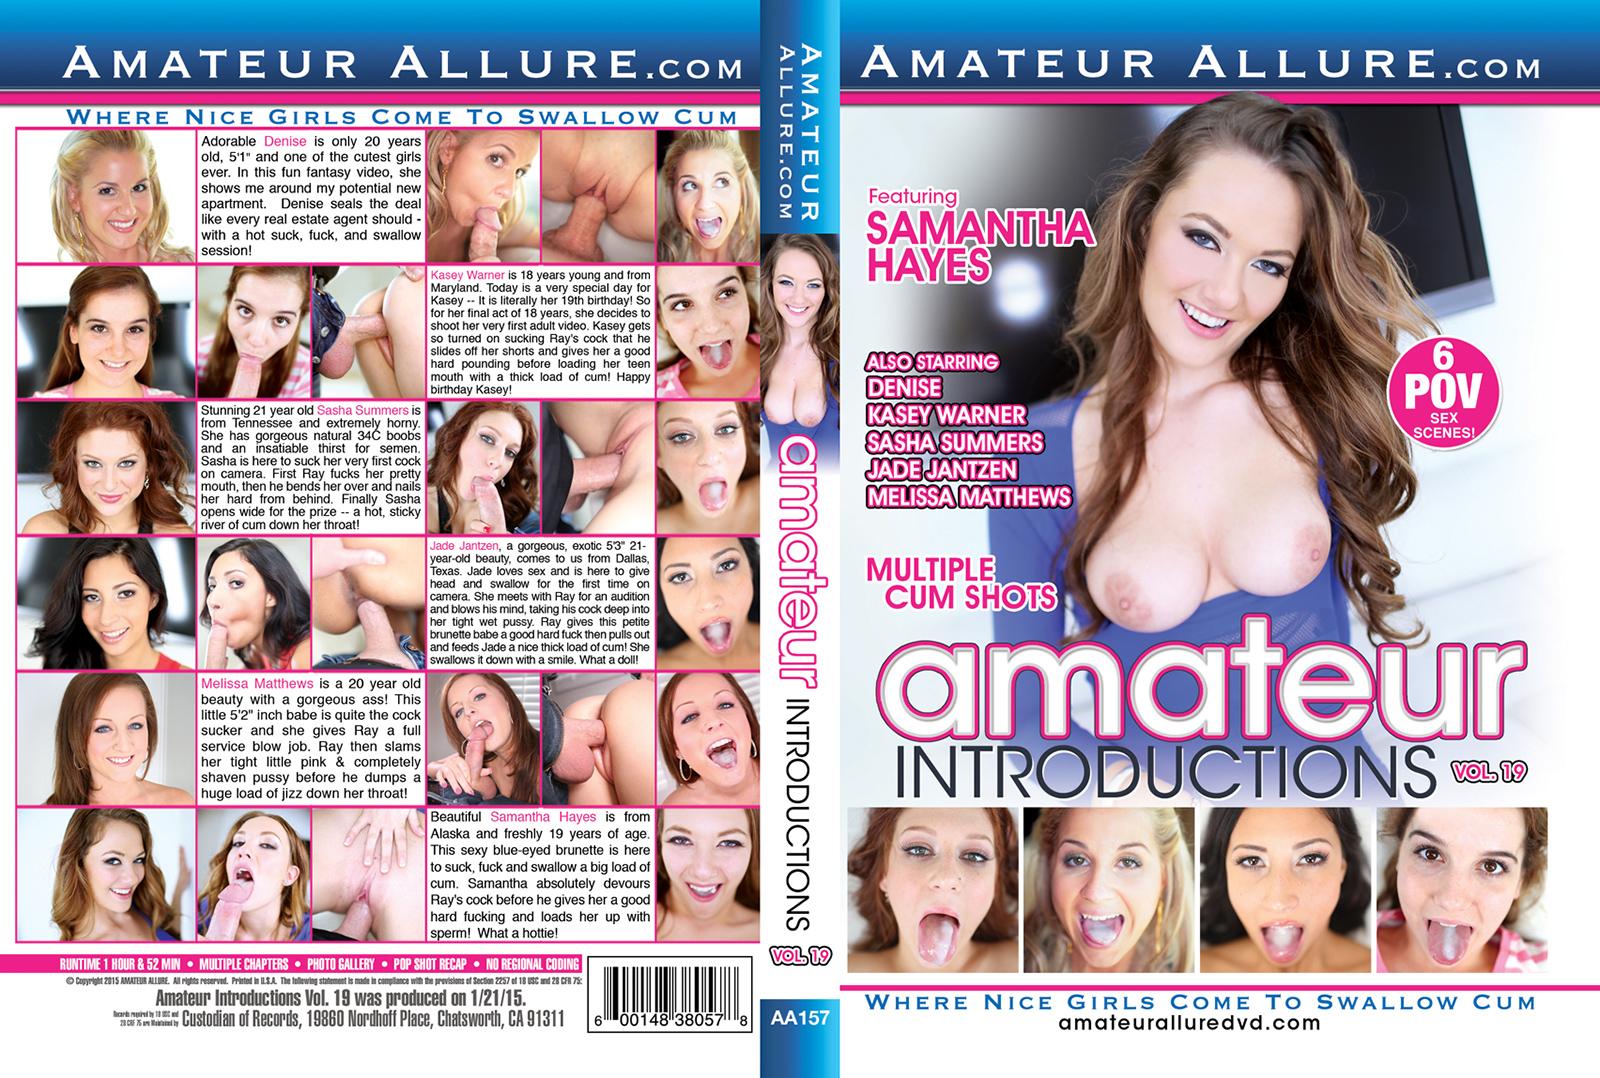 amateur_introductions_19-dvd-large.jpg